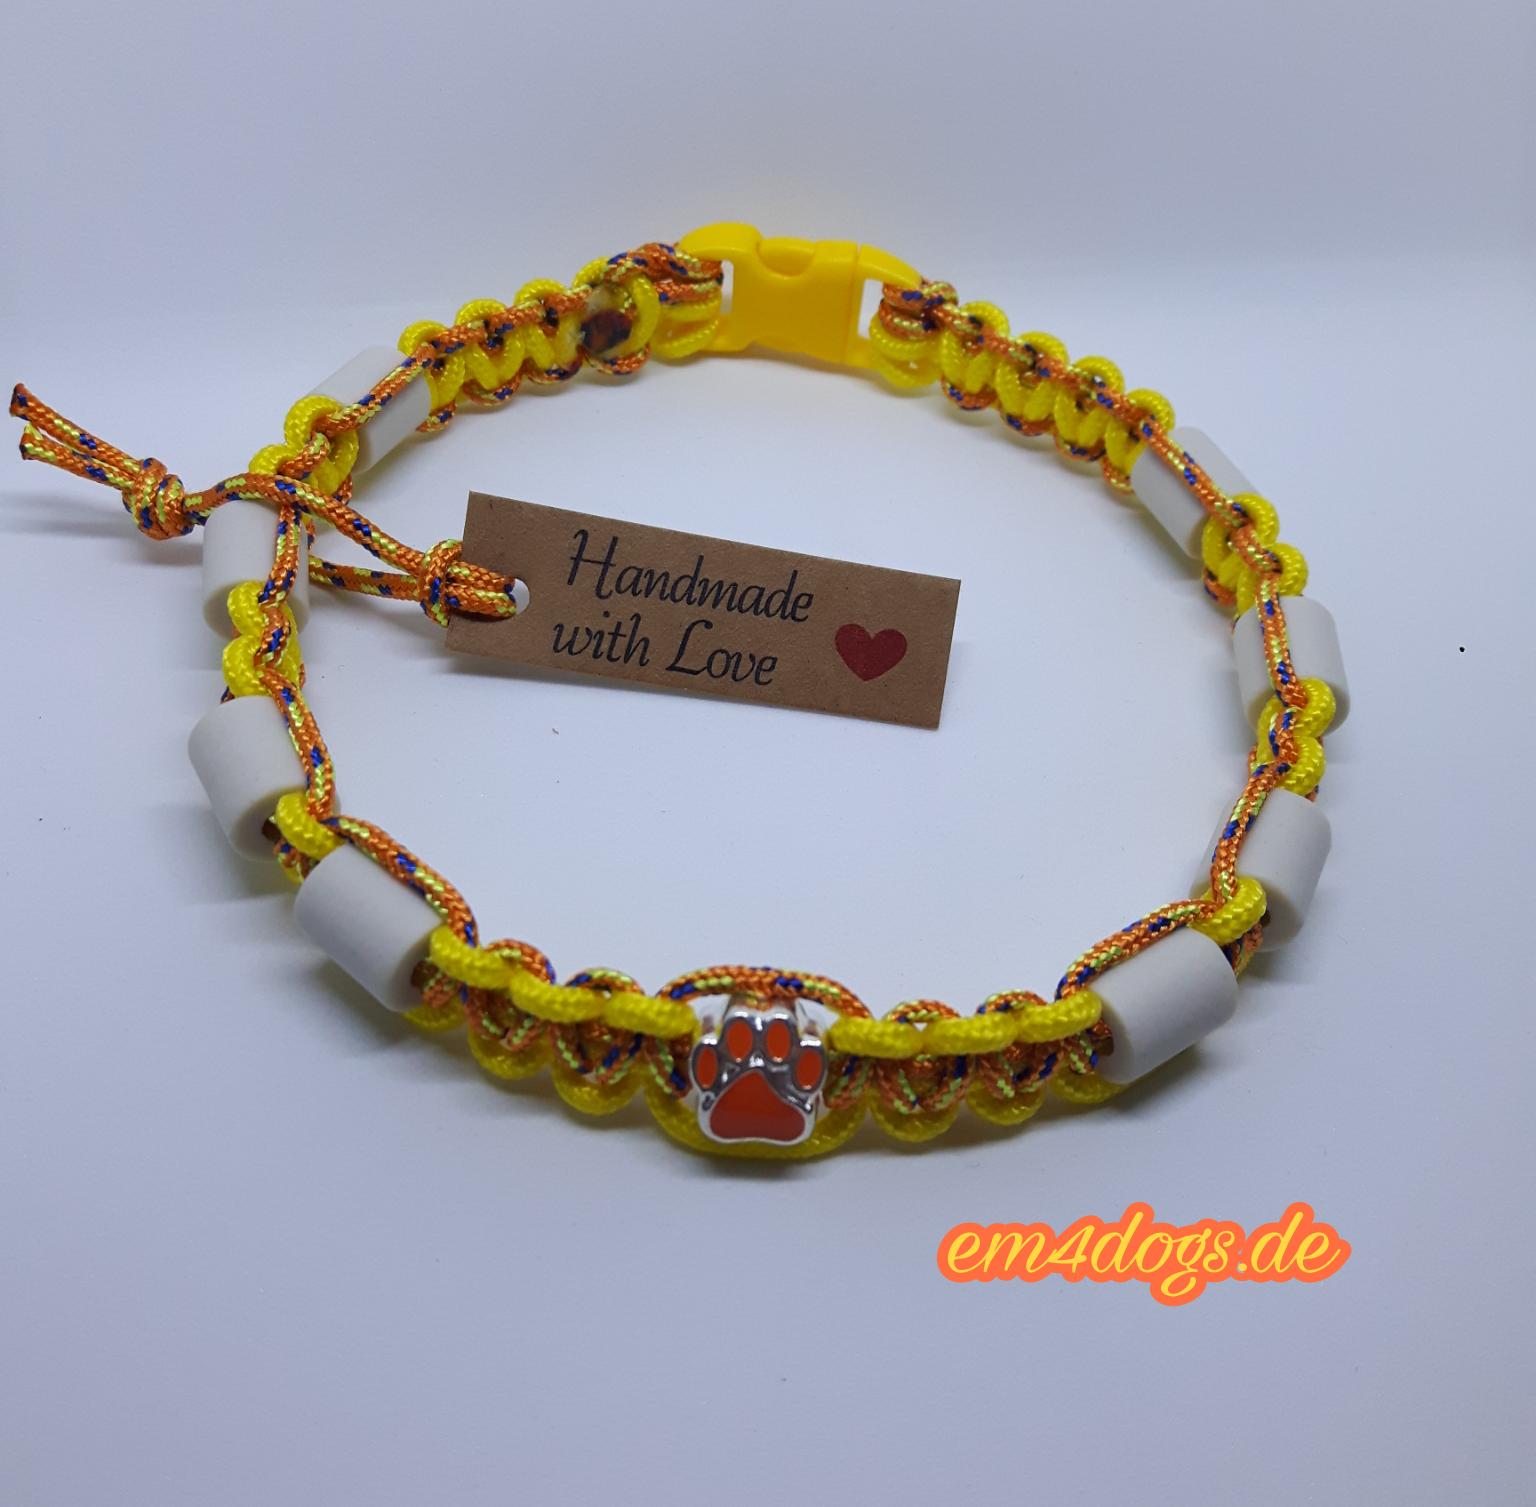 em4dogs.de EM-Keramik Hundehalsband gelb orange